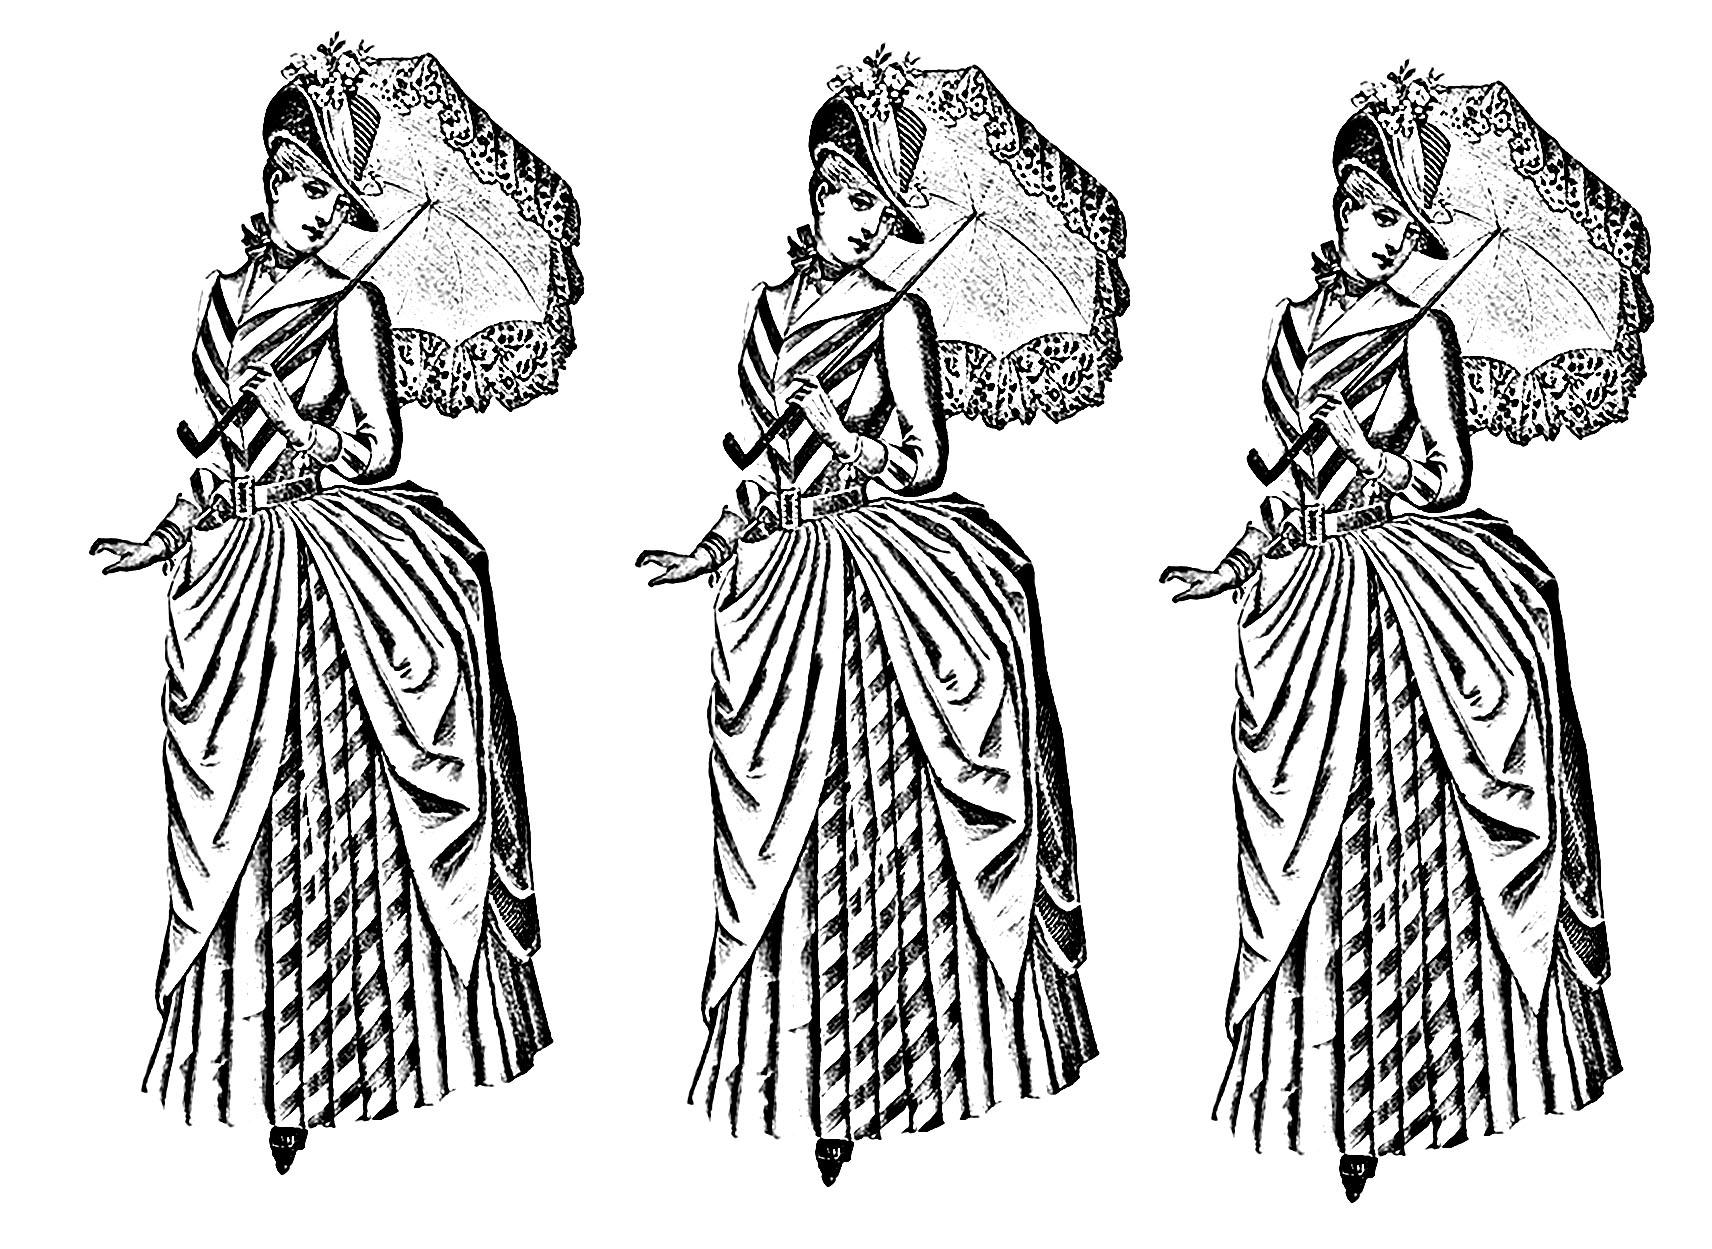 Pour Mode Vetements Vintage Gratuit A Imprimer - Coloriage destiné Coloriage Mode À Imprimer